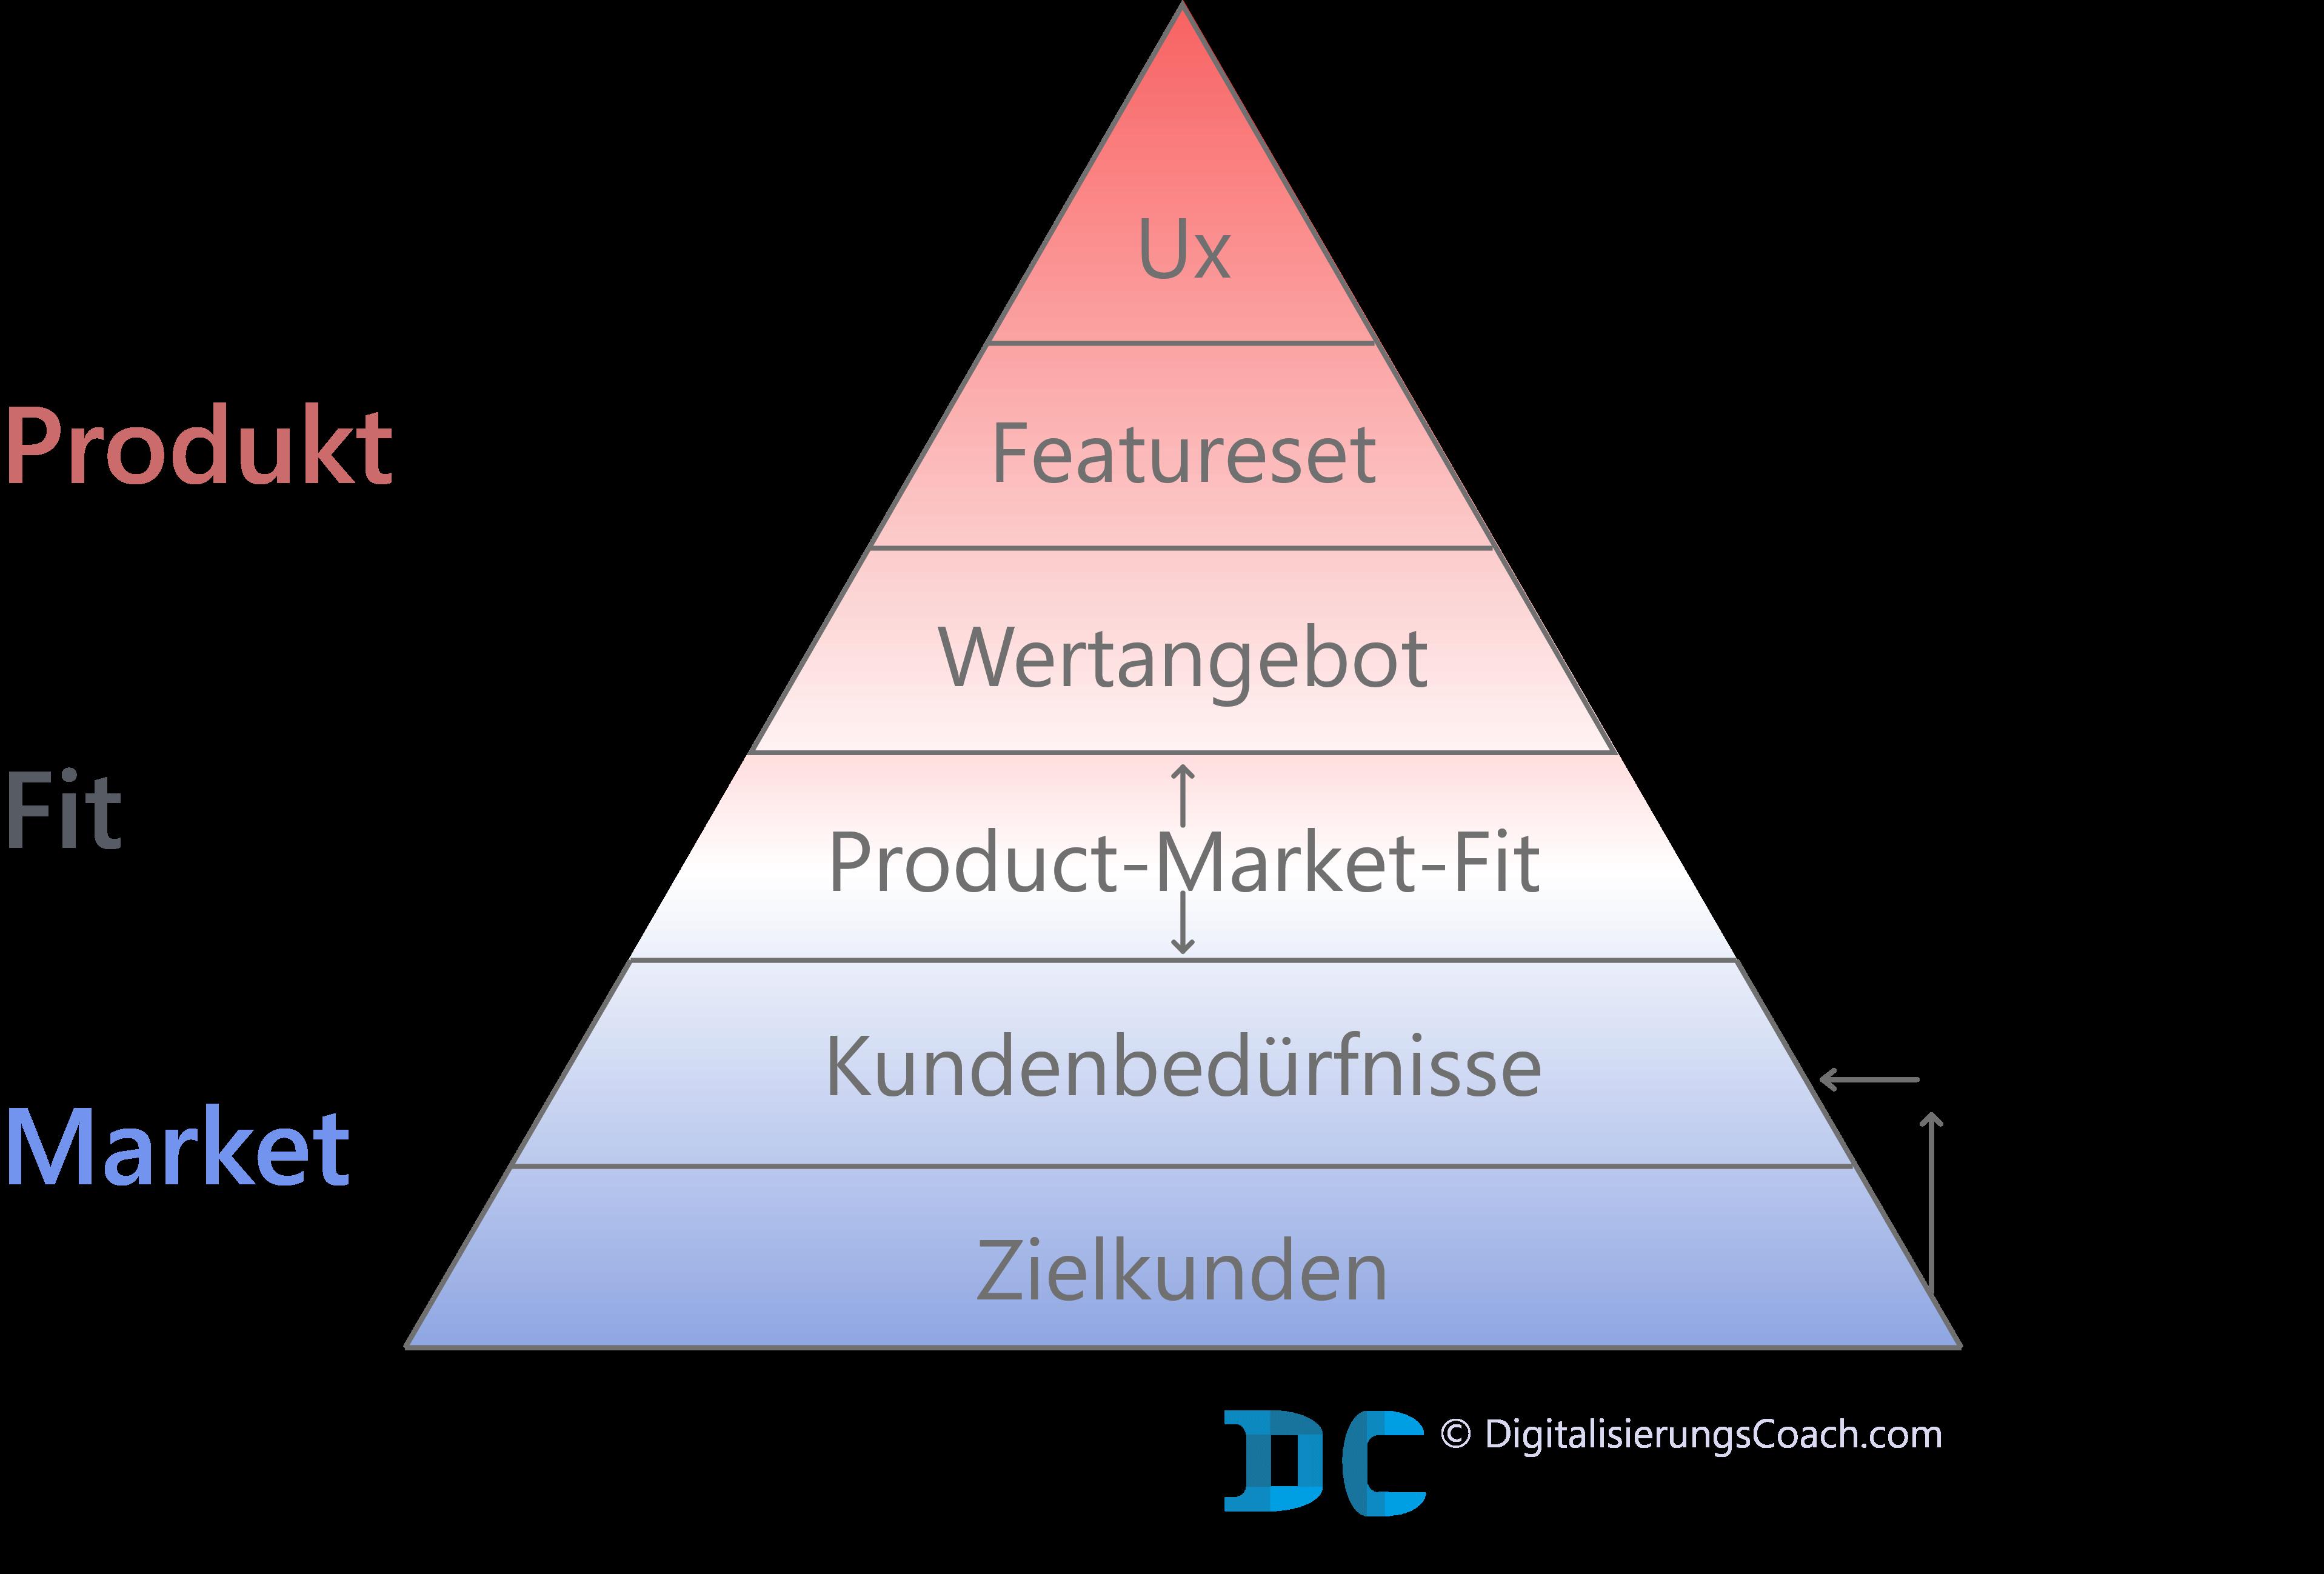 Aufbau Product-Market-Fit-Pyramide DC